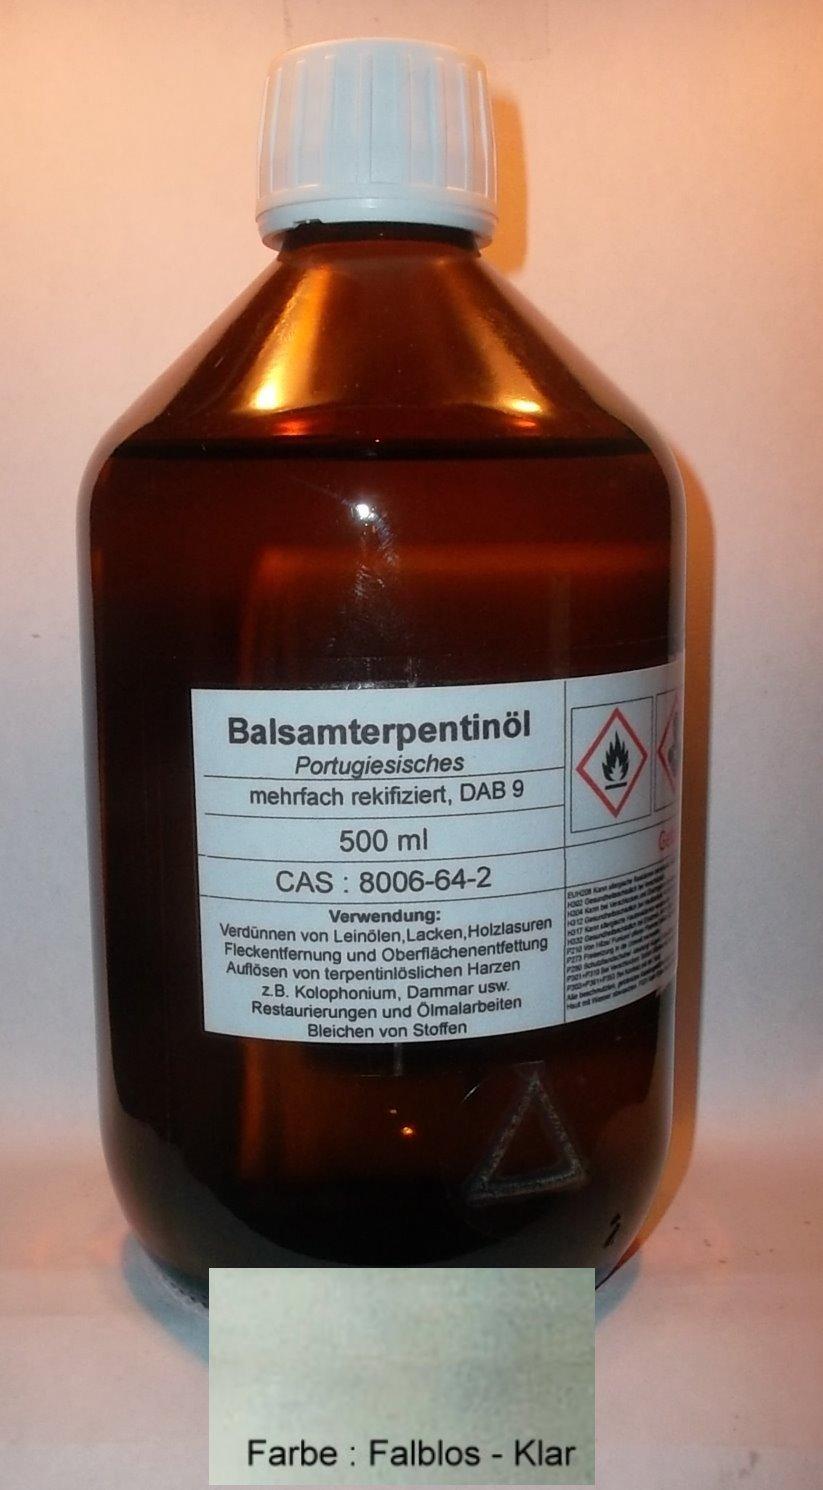 500 ml alta calidad Portugal sisches Bálsamo Trementina DAB 9, incolora, varias rektifiziert: Amazon.es: Industria, empresas y ciencia